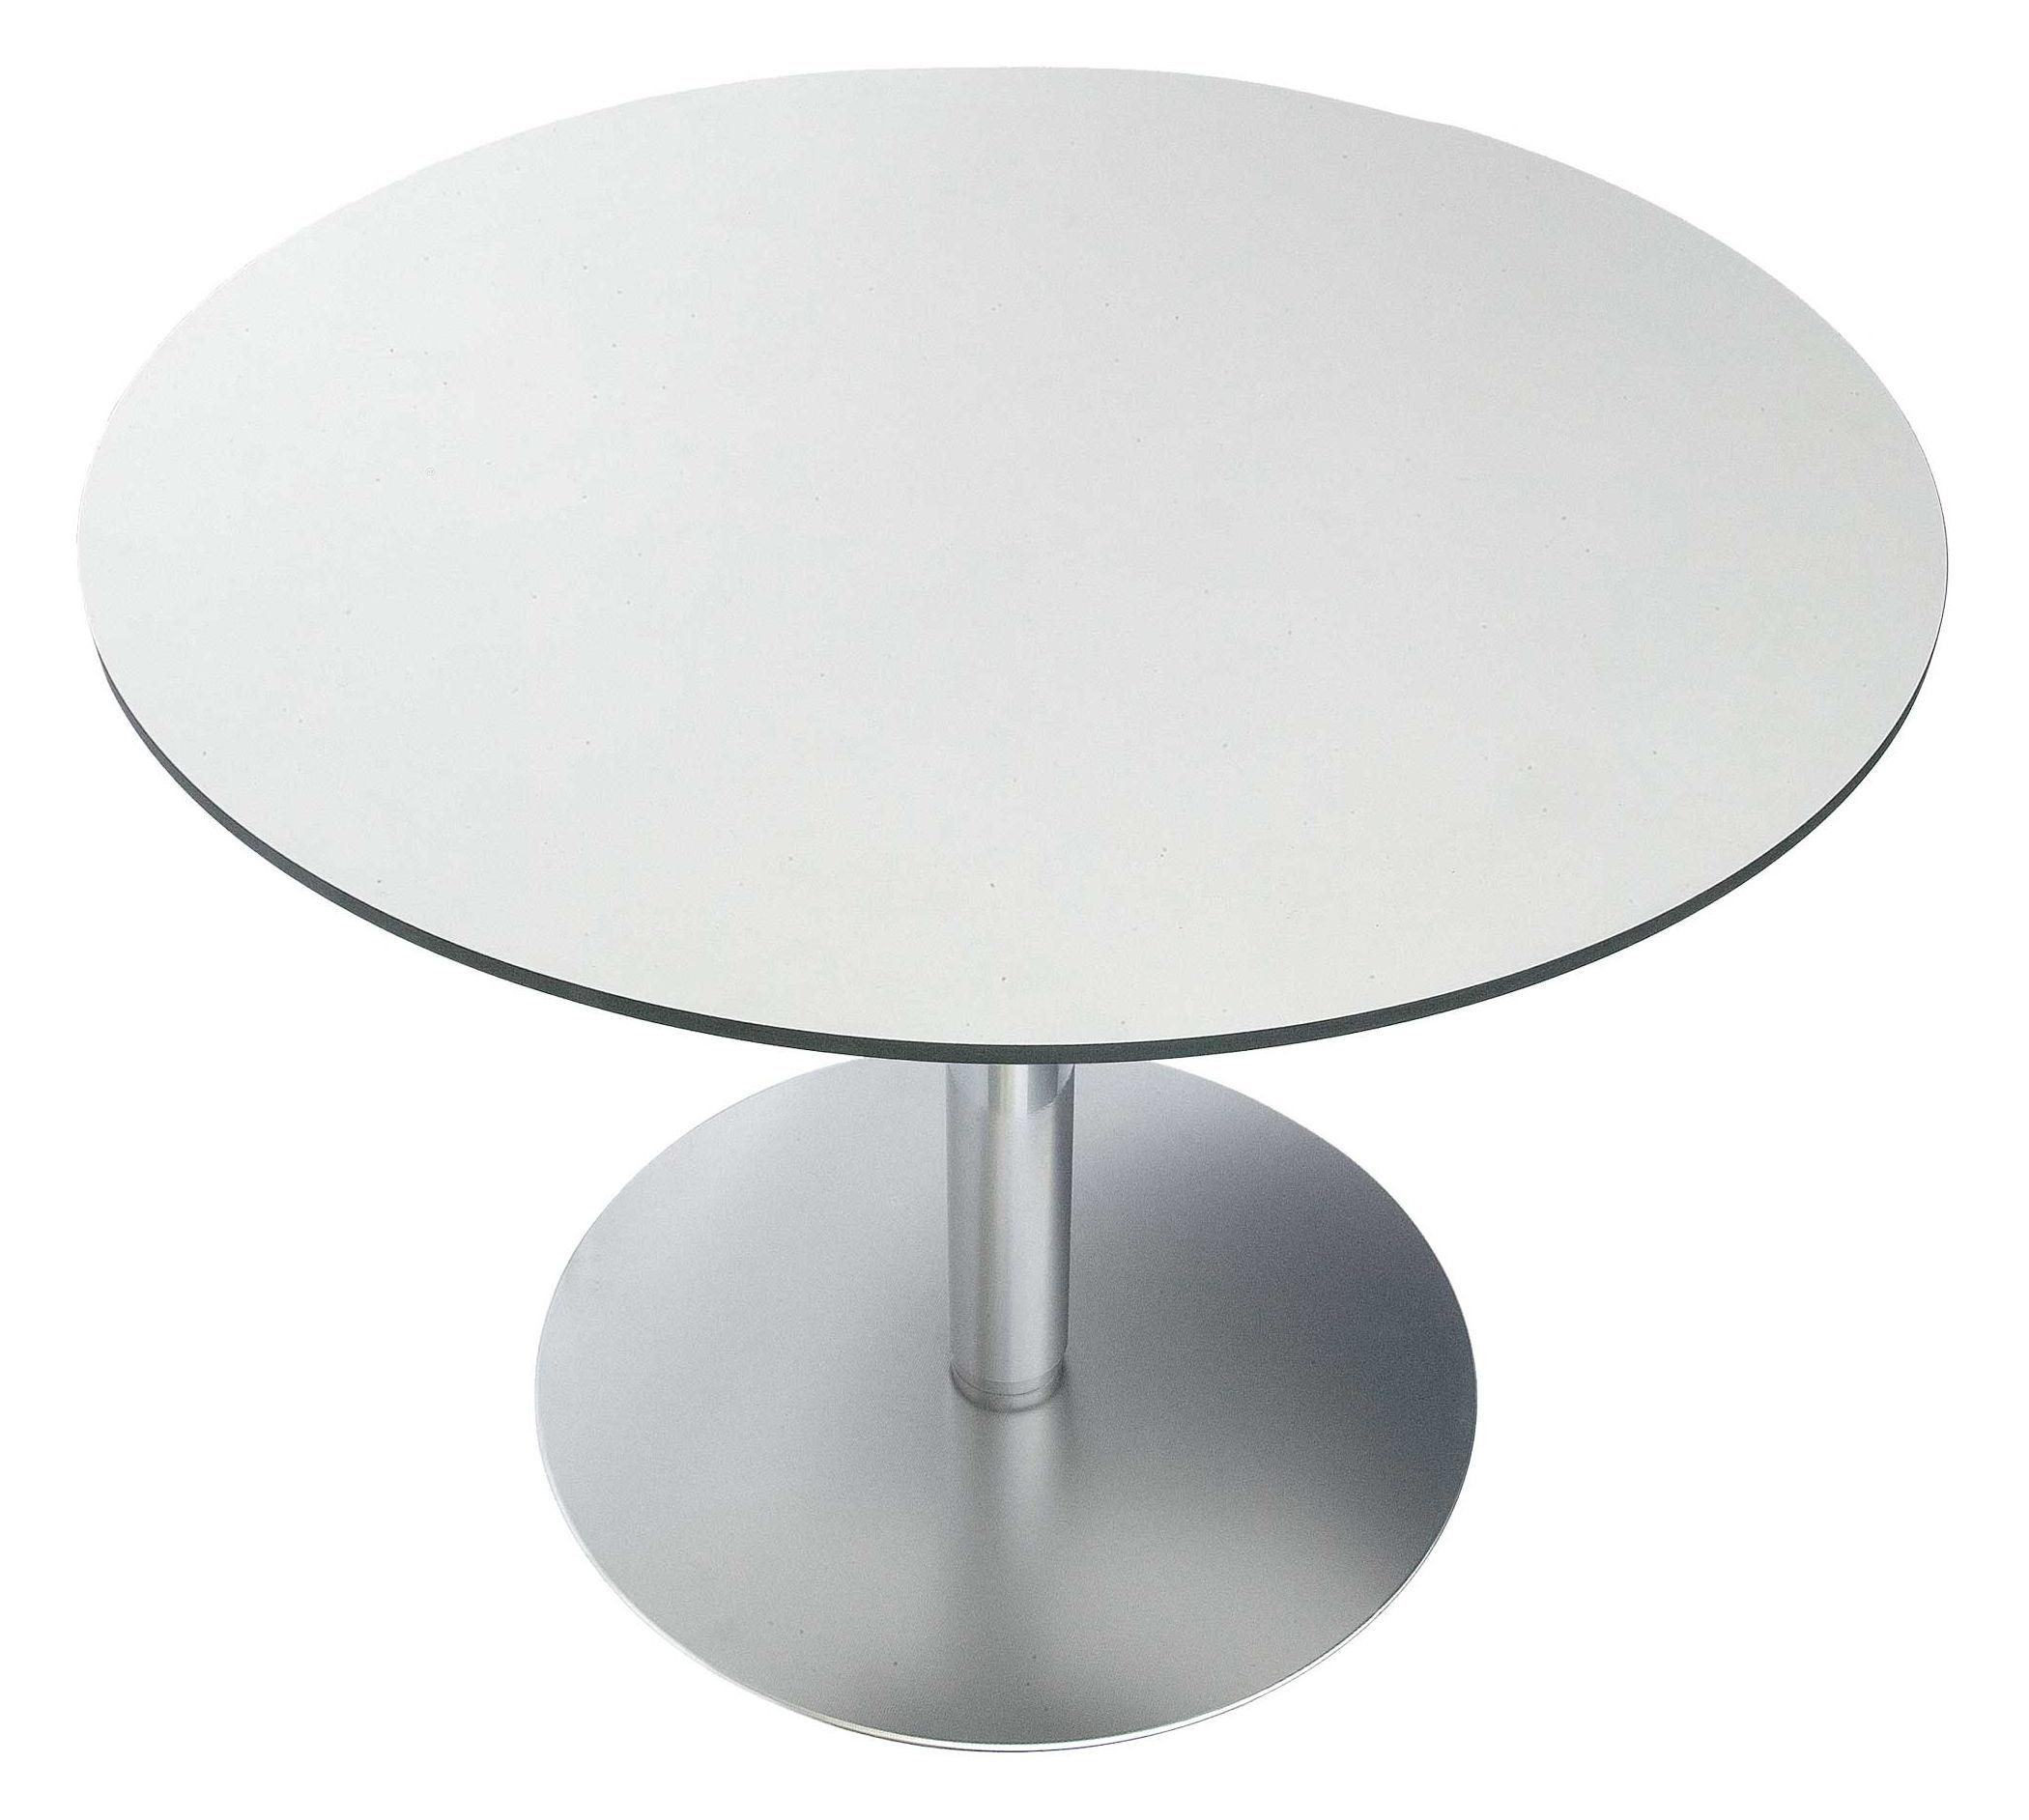 Möbel - Tische - Rondo Runder Tisch Ø 120 cm - Lapalma - Weiß laminiert - Laminat, rostfreier Stahl